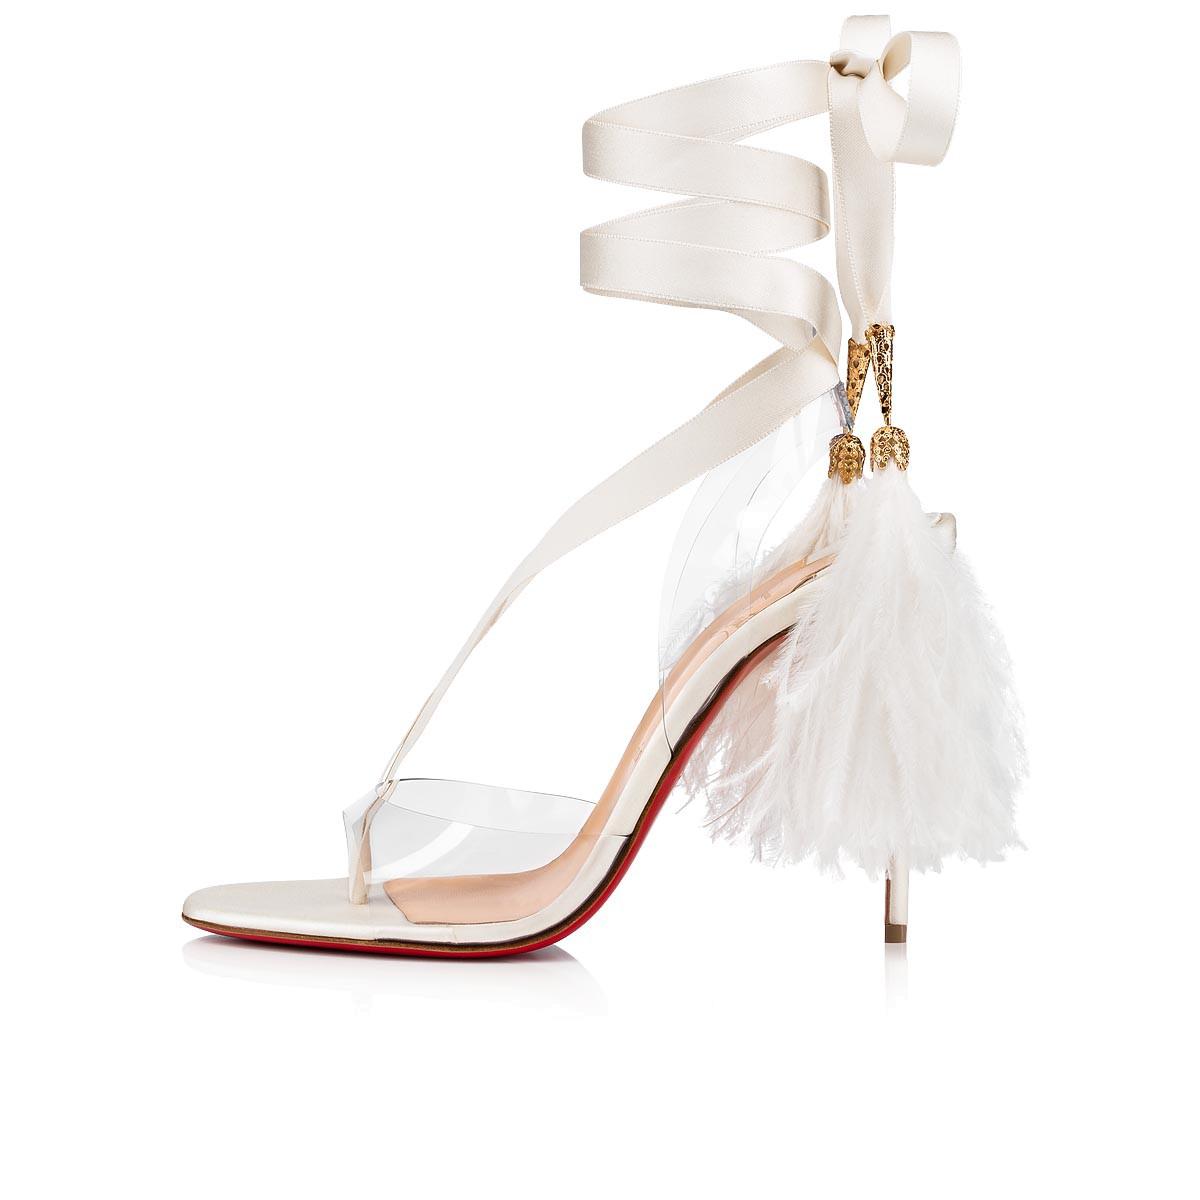 Women Shoes - Marie Edwina - Christian Louboutin